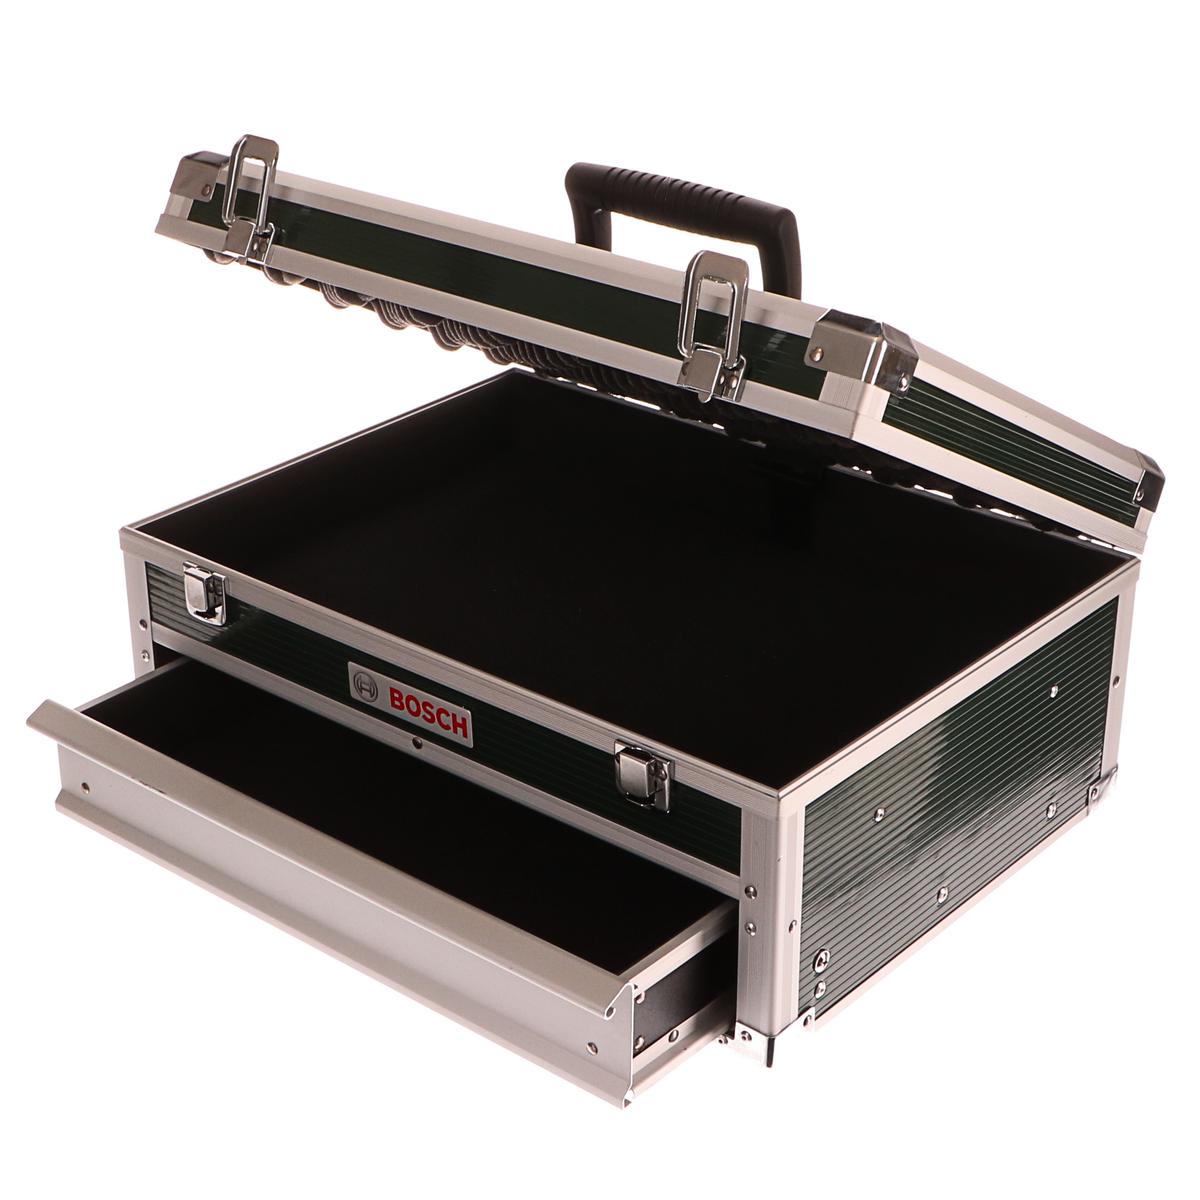 Kufr na nářadí, 420 x 310 x 200 mm, dvě přihrádky - BOSCH